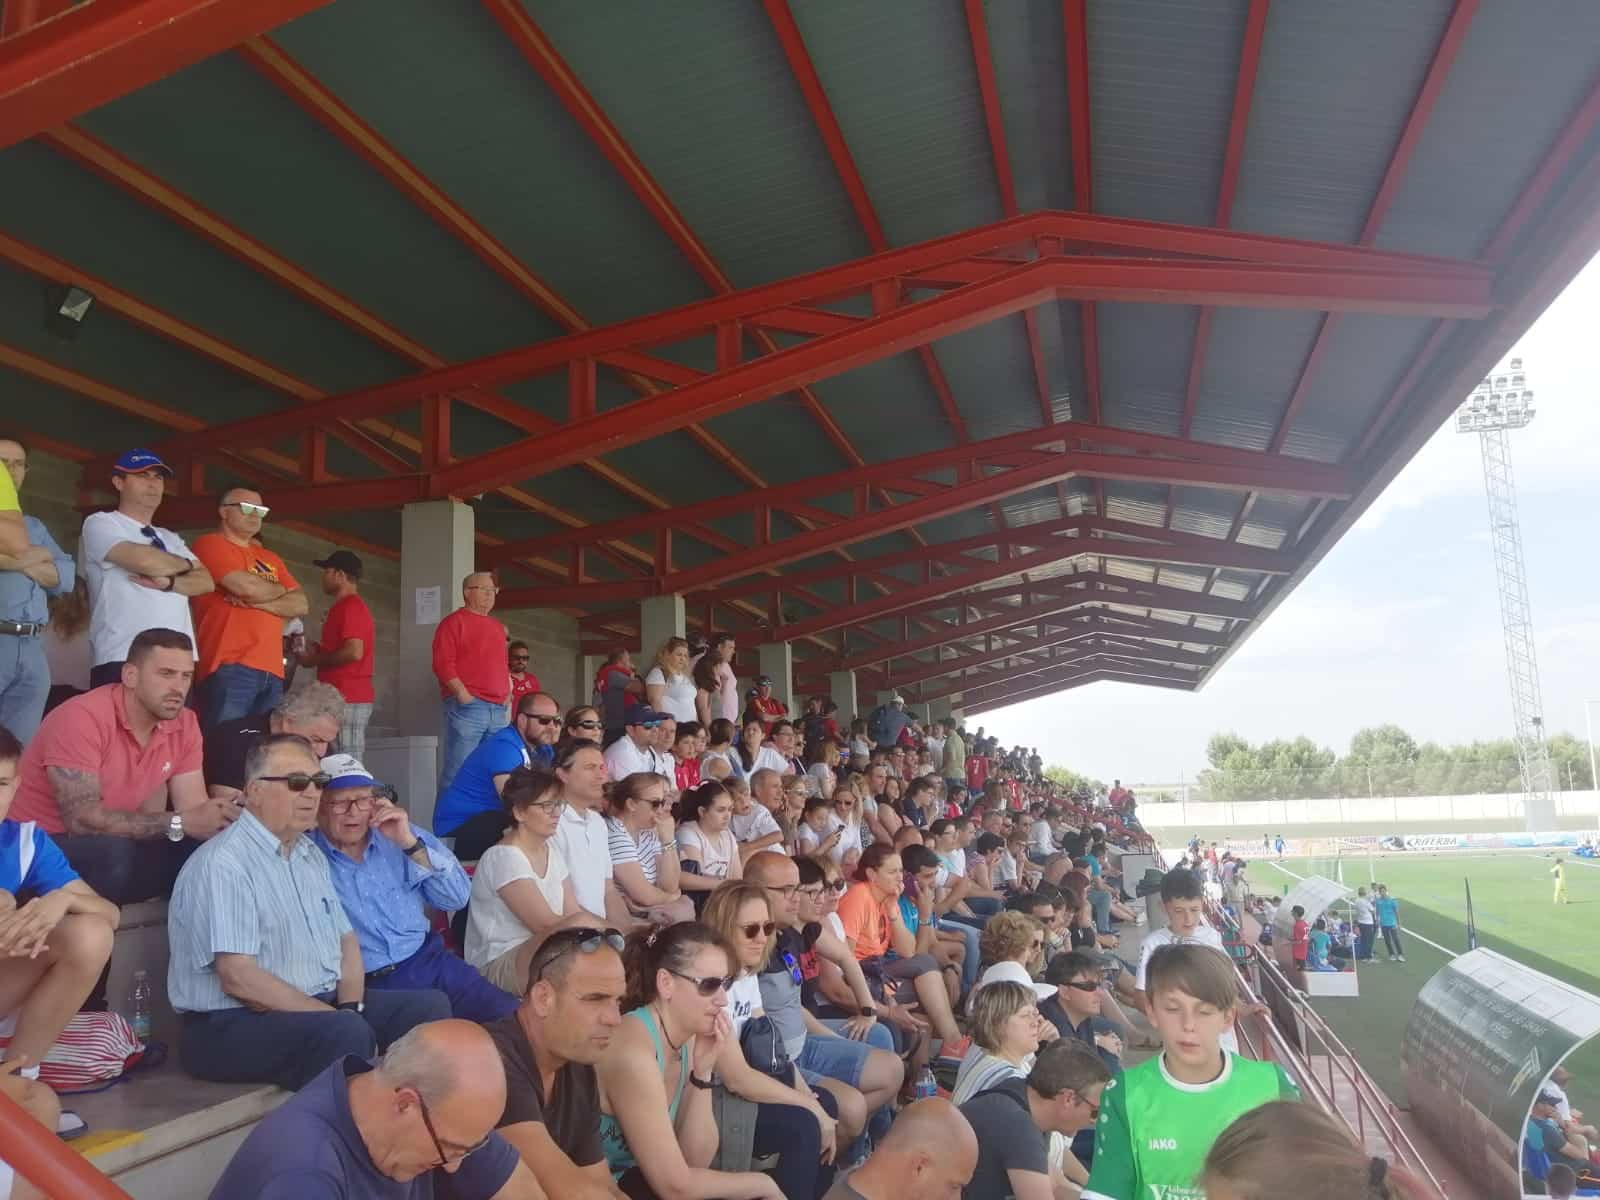 """VII Torneo futbol 8 soledad herencia 2 - Más de 300 chavales se dieron cita en el VIII Torneo de Fútbol-8 """"Virgen de la Soledad"""""""